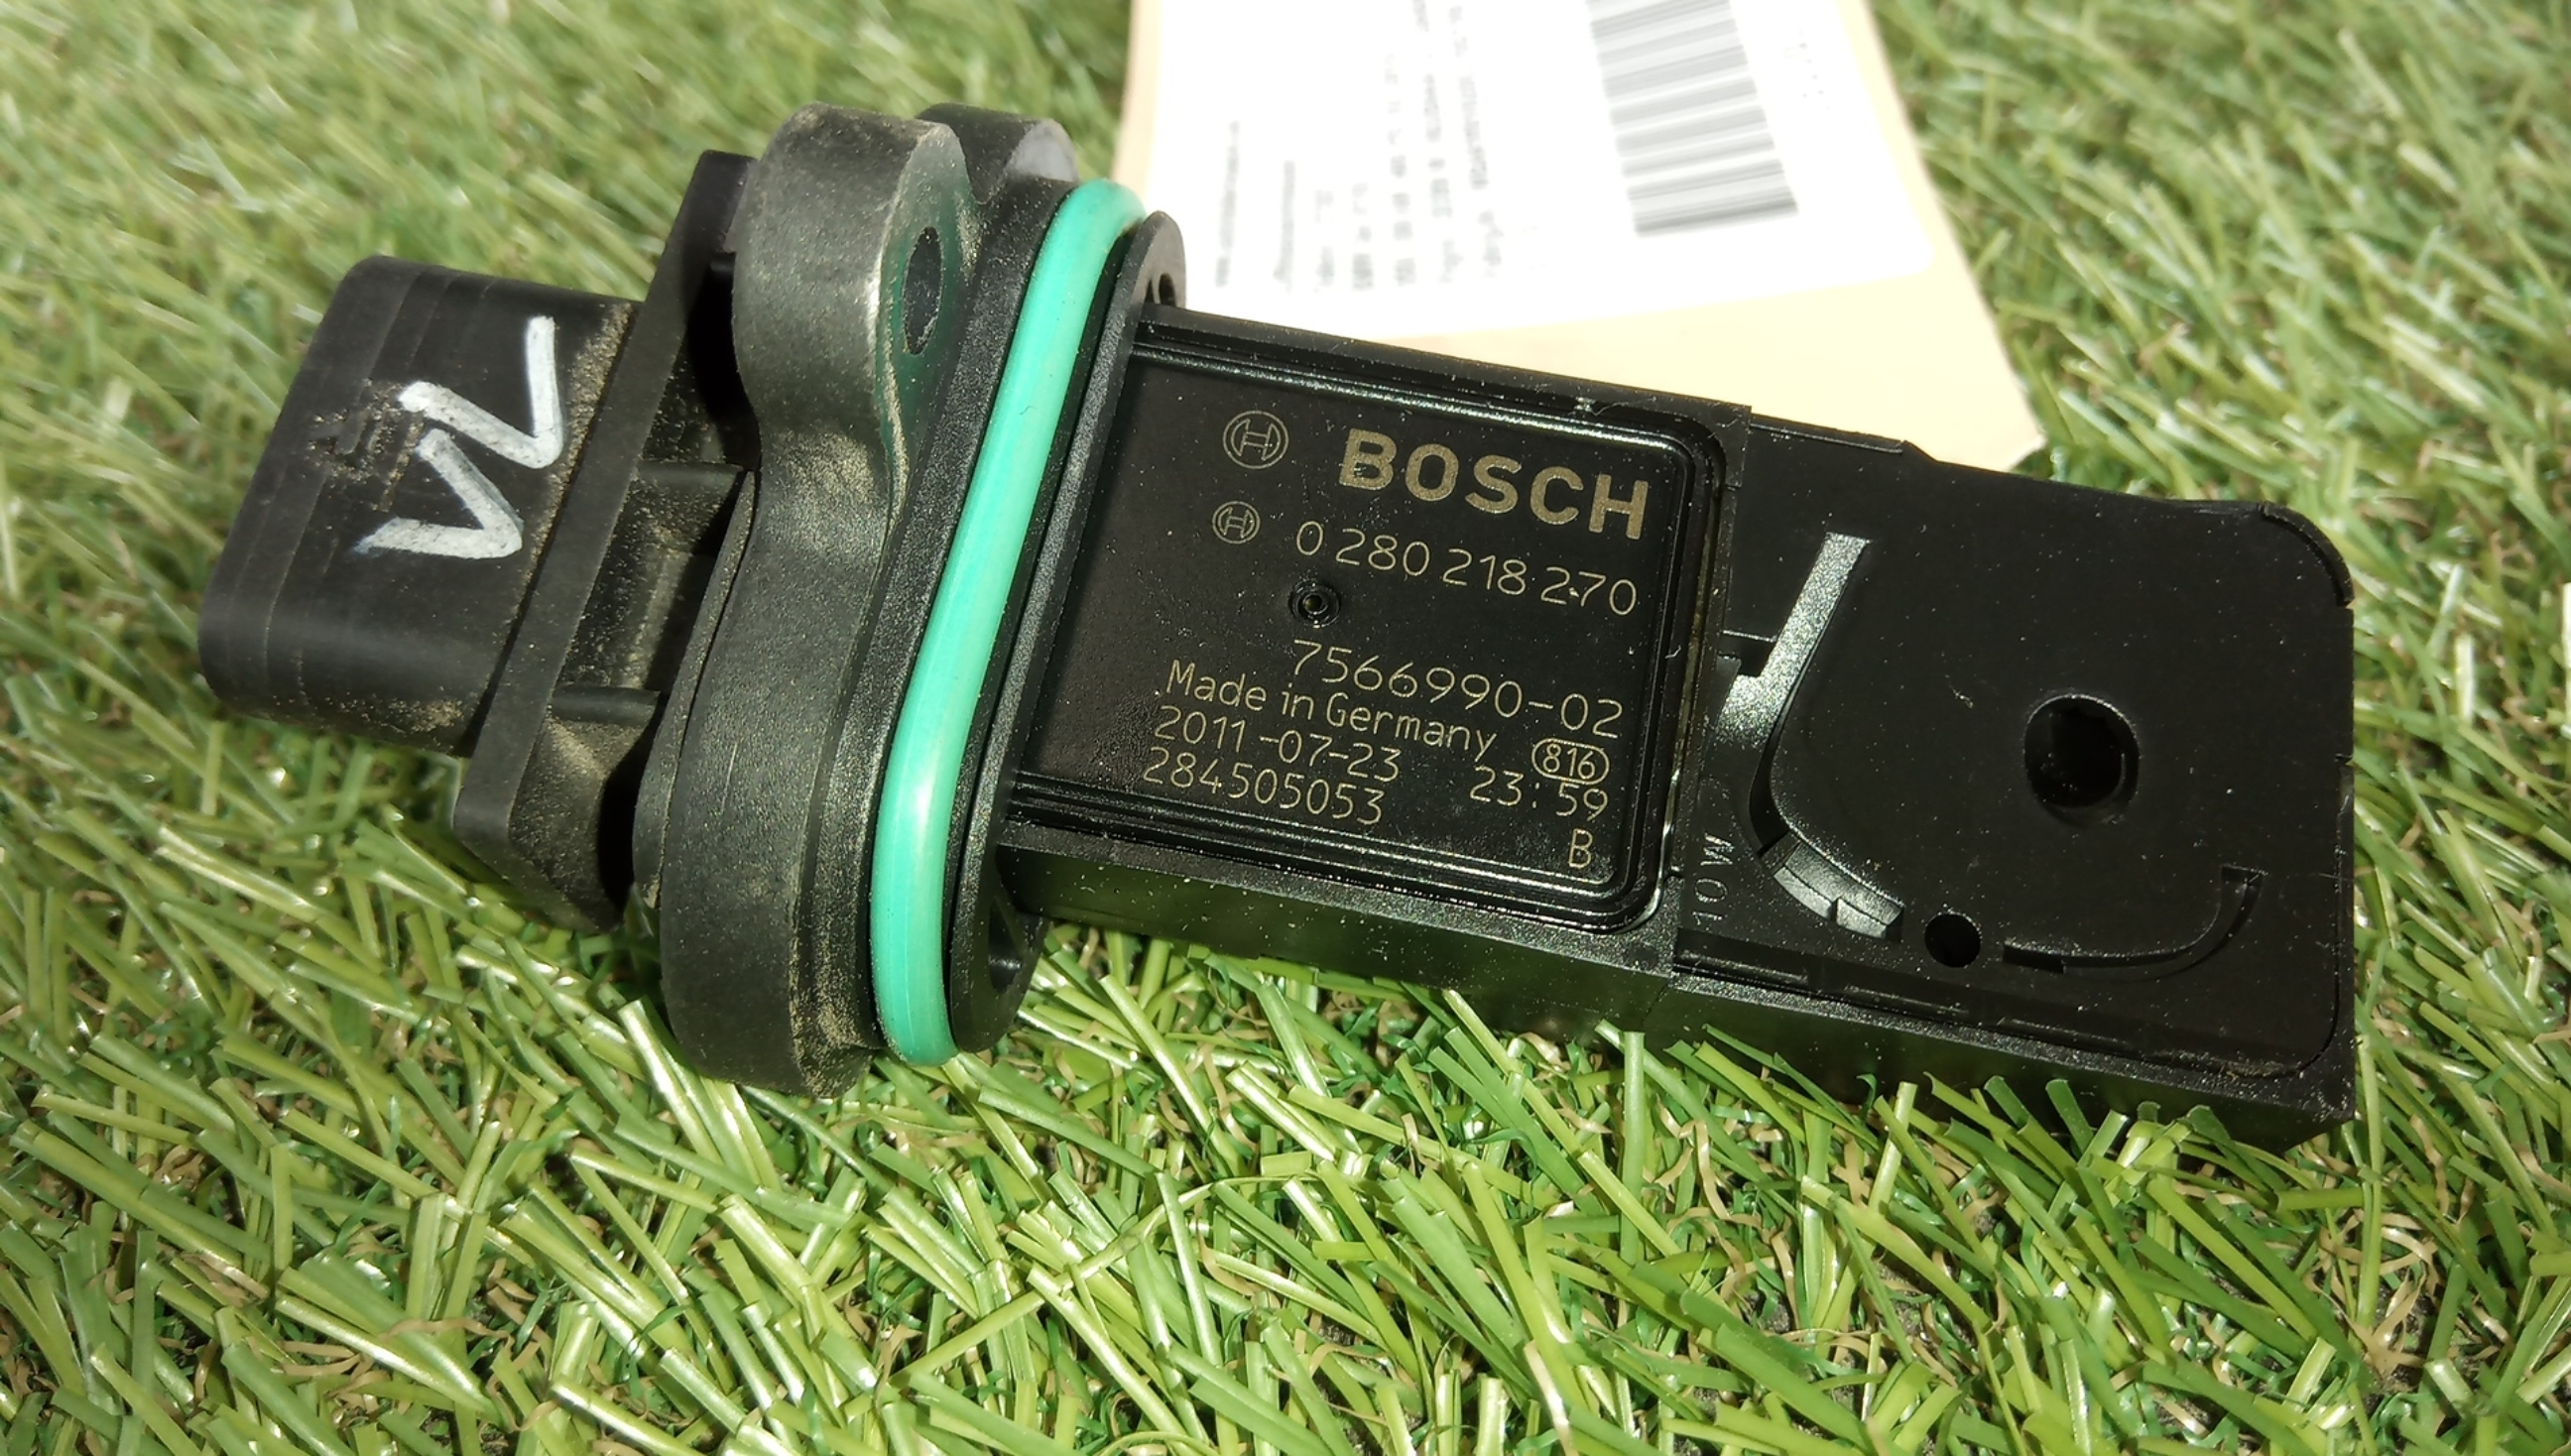 For BMW X5 2011-2013 Bosch 0280218270 Mass Air Flow Sensor